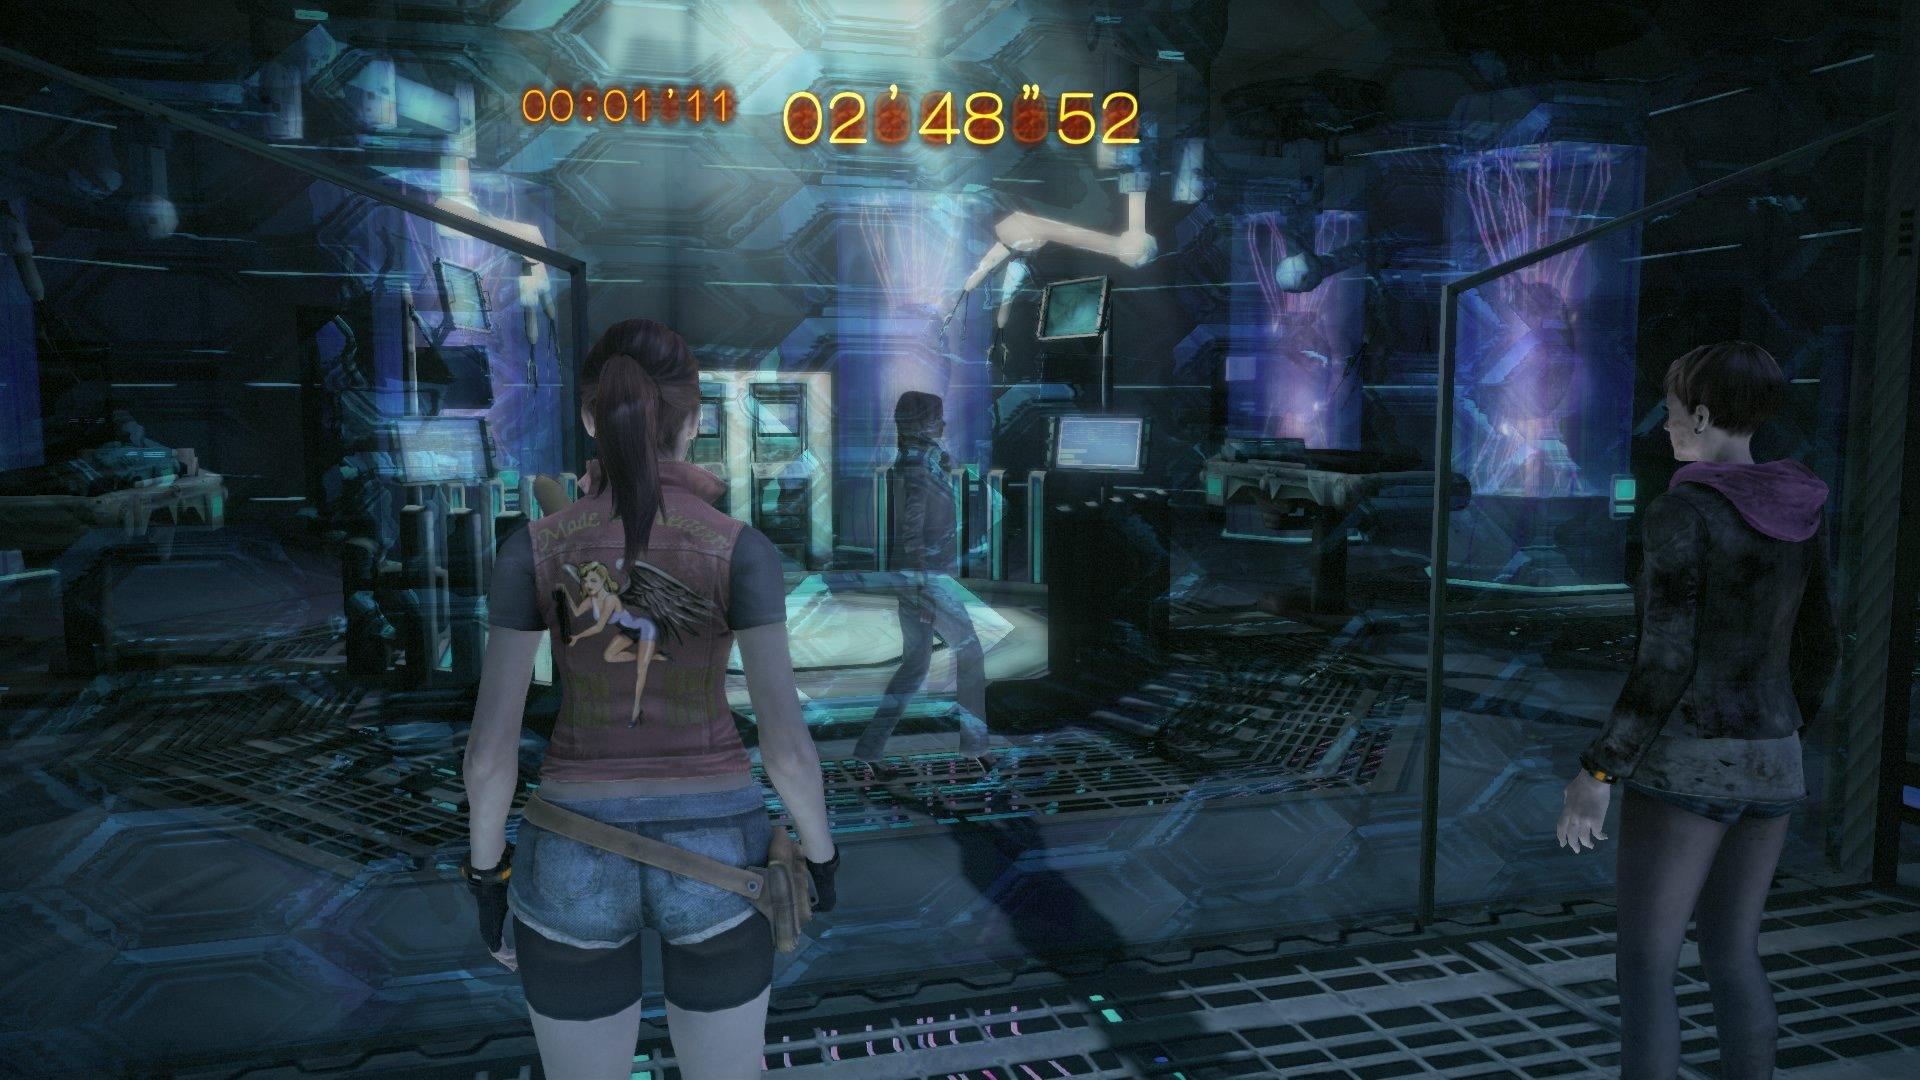 Дегустация Resident Evil: Revelations 2 - Опохмелитесь, помойте руки и в столовую! - Изображение 3